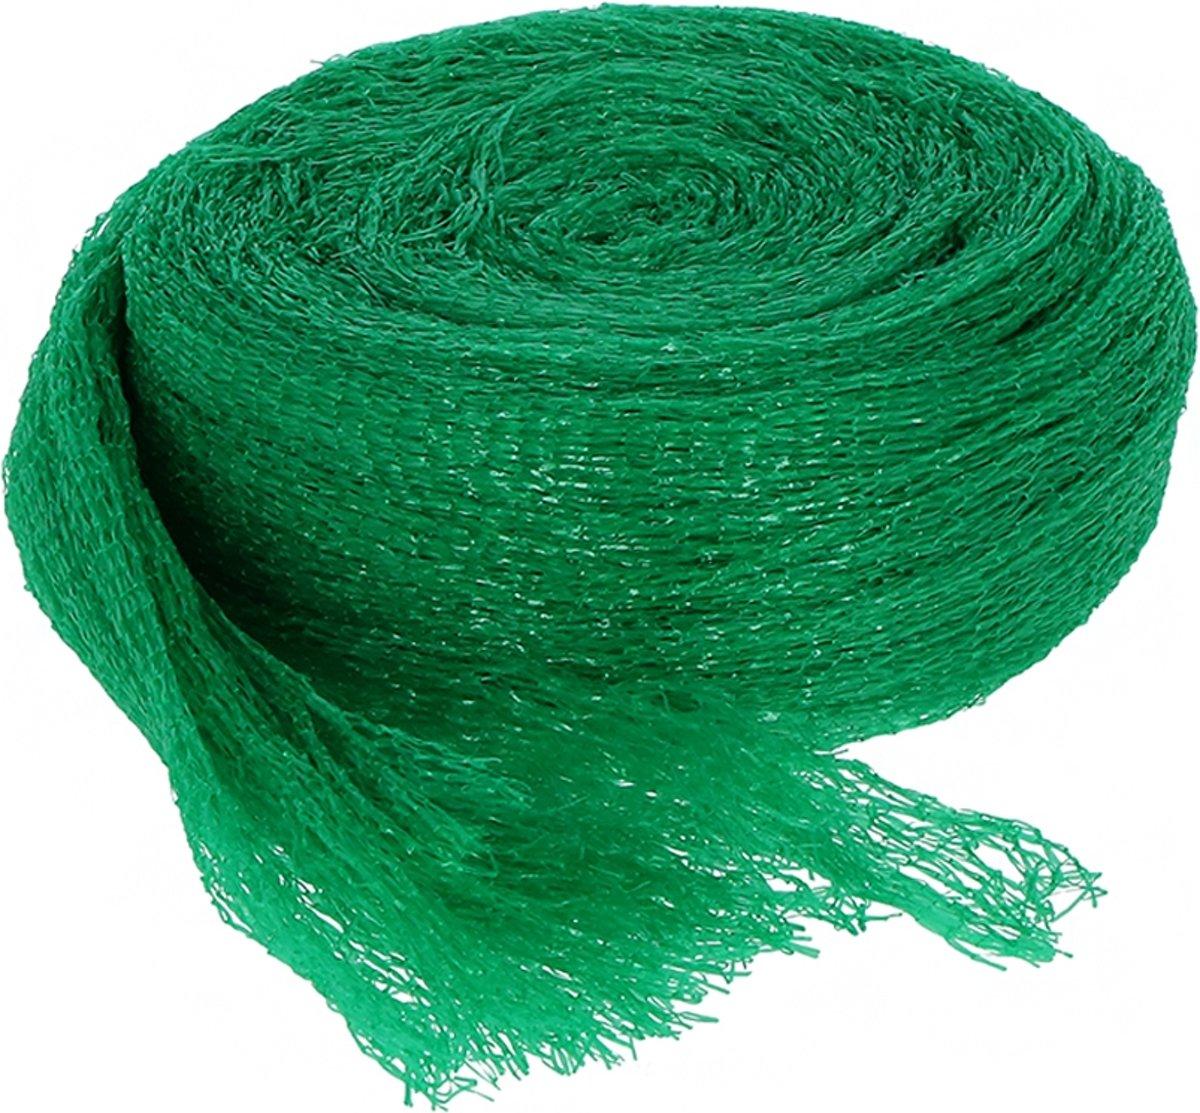 Green Arrow tuinnet 4x5 meter kopen